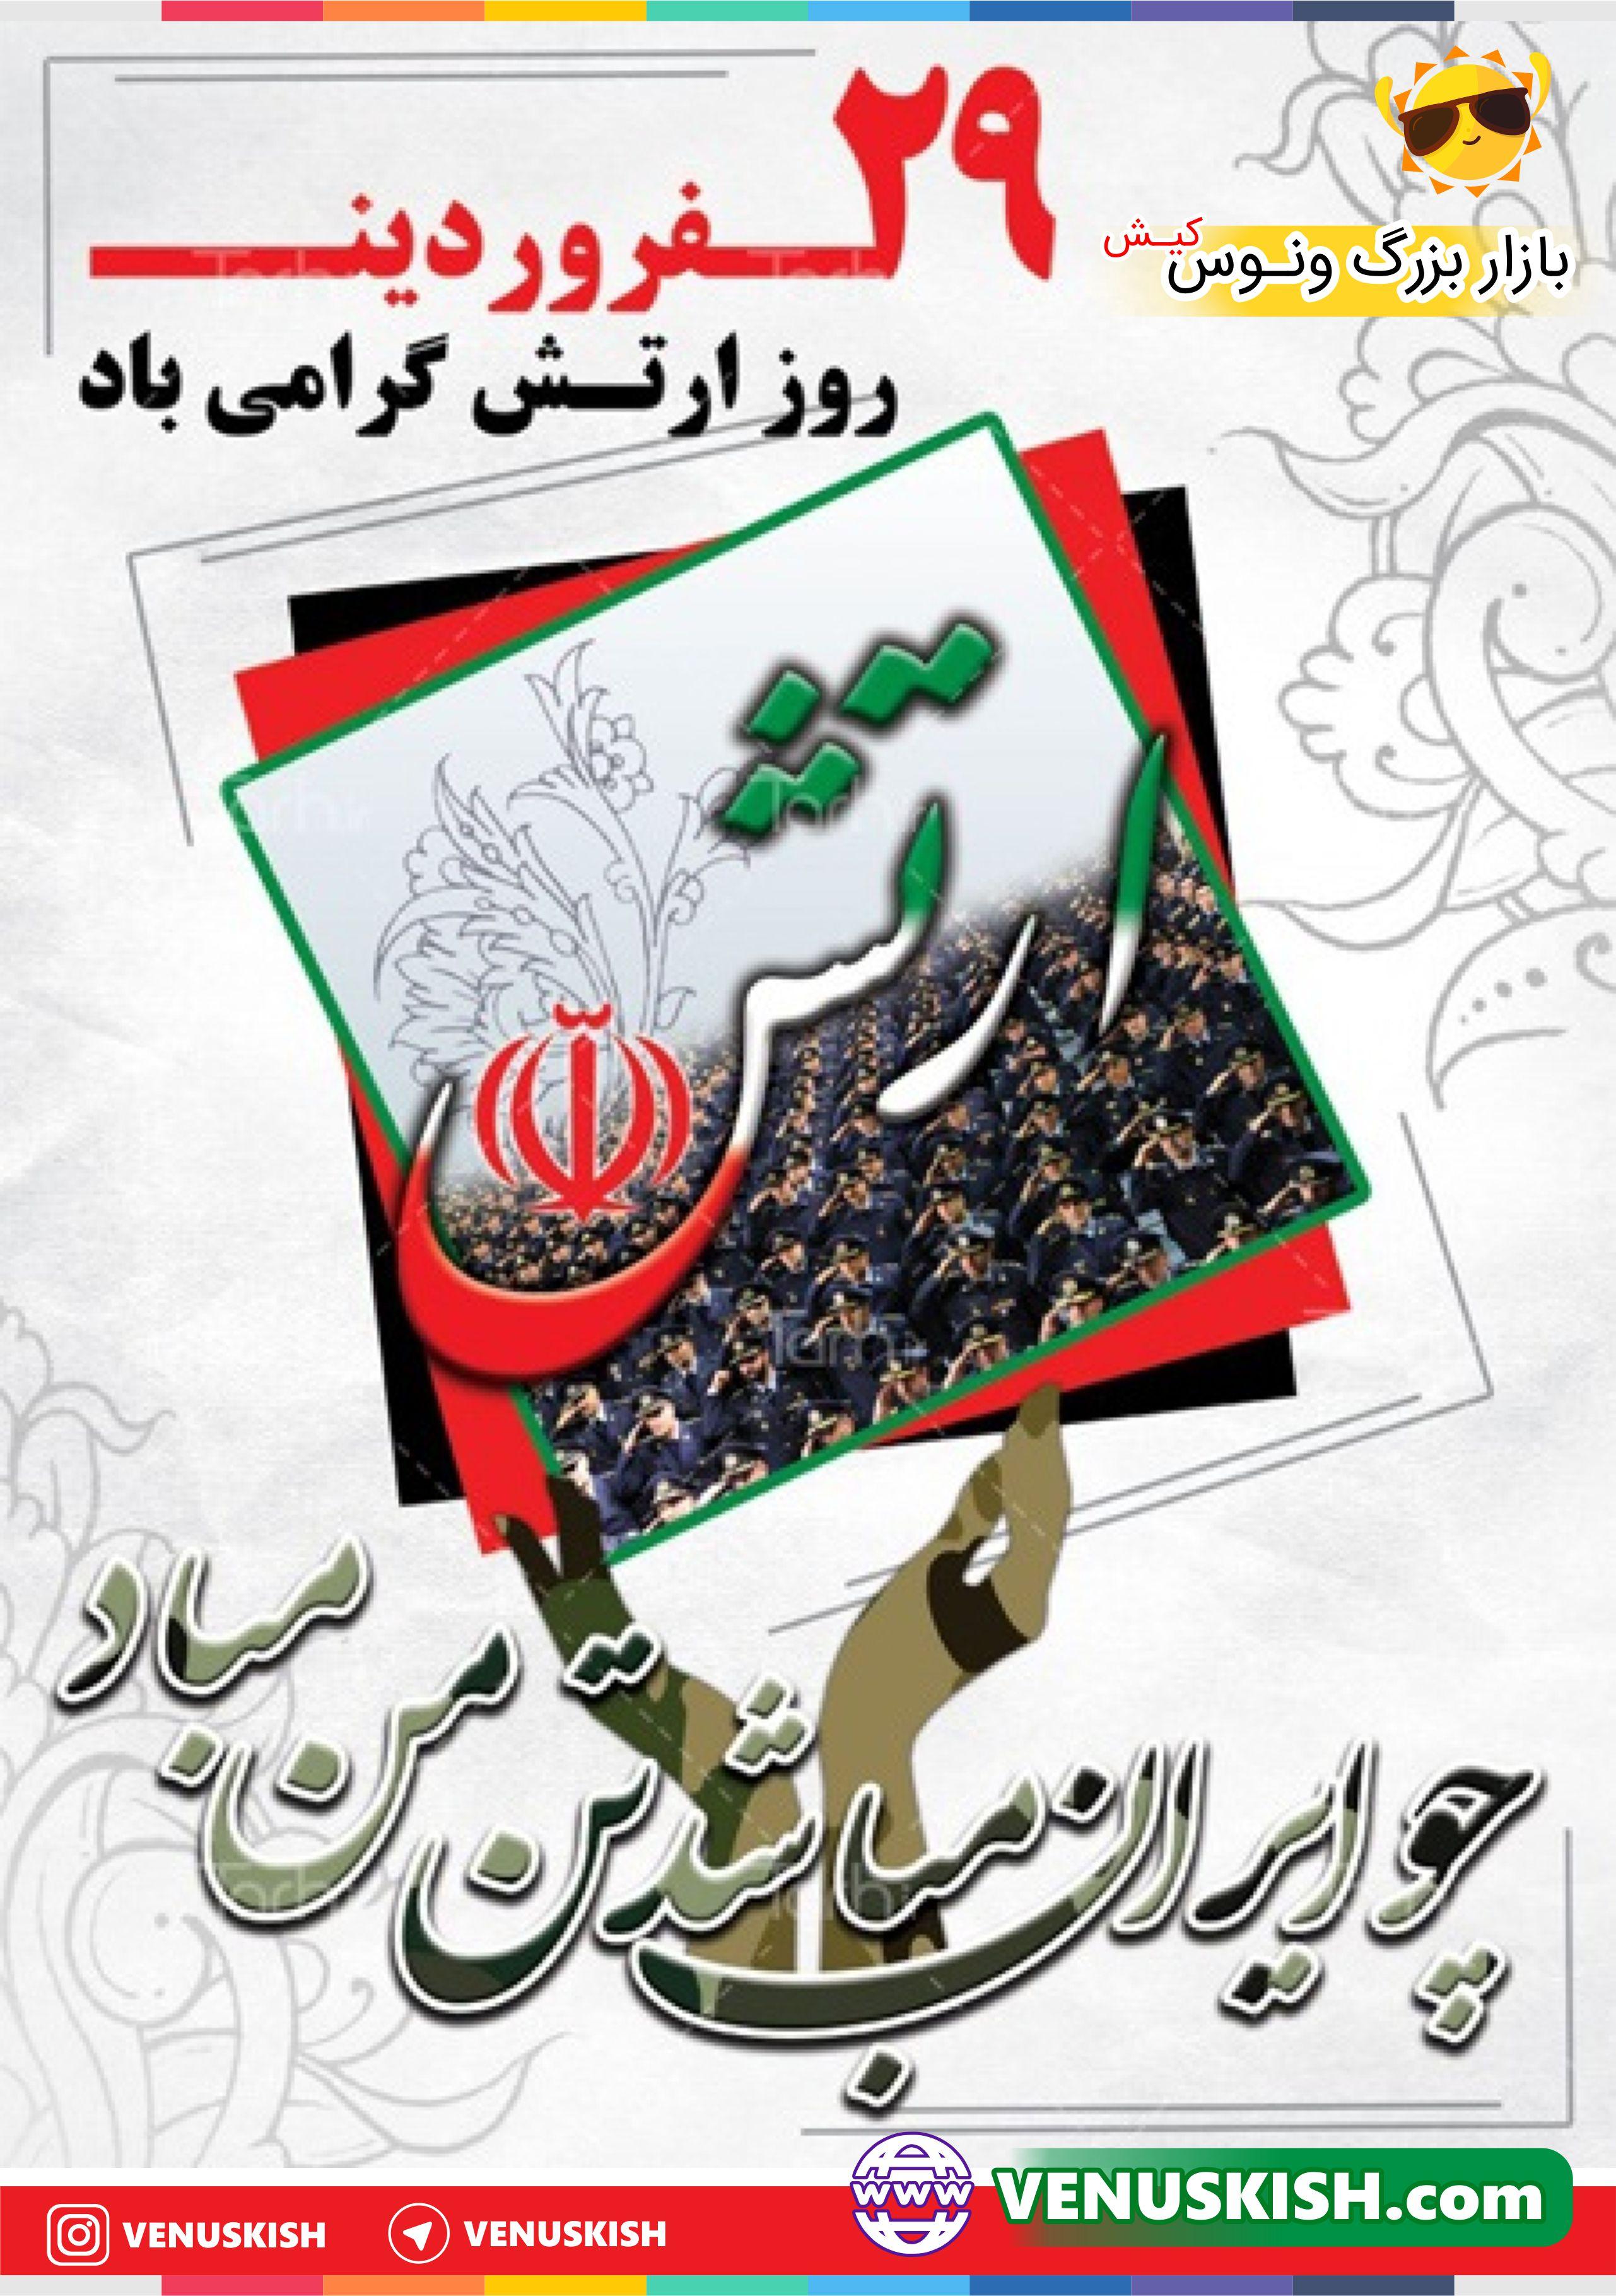 ۲۹ فروردین ماه روز ارتش جمهوری اسلامی و نیروی زمینی گرامی باد.